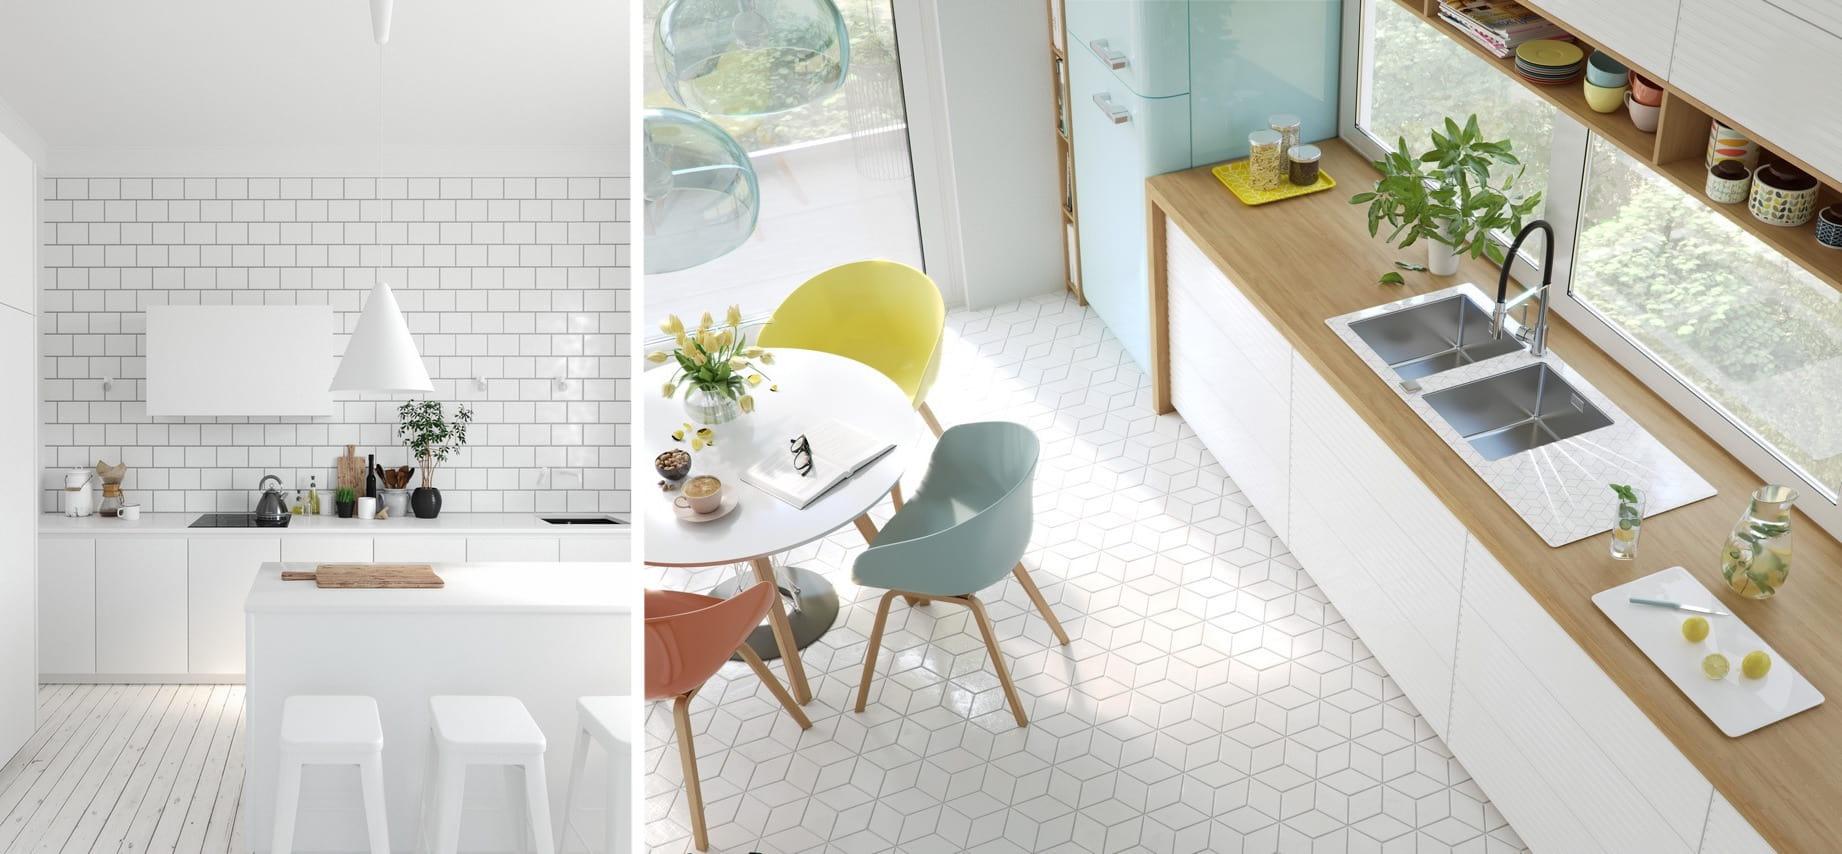 Оформление плафонов и внешняя отделка люстр должны гармонировать с общим кухонным дизайном